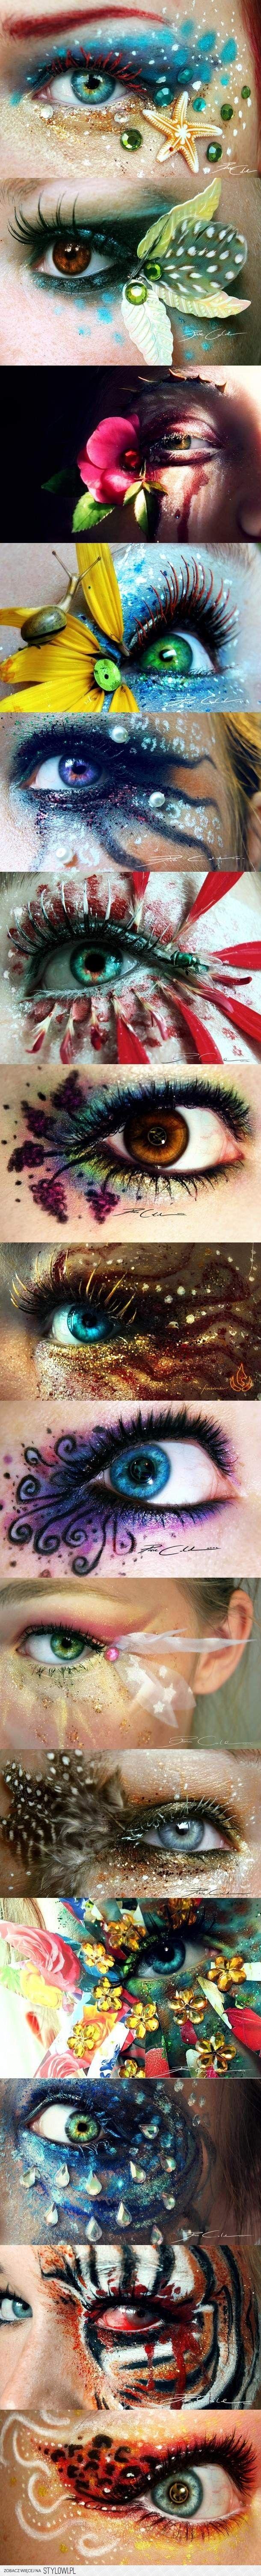 Incredible eye makeup art #WinWayneGossTheCollection